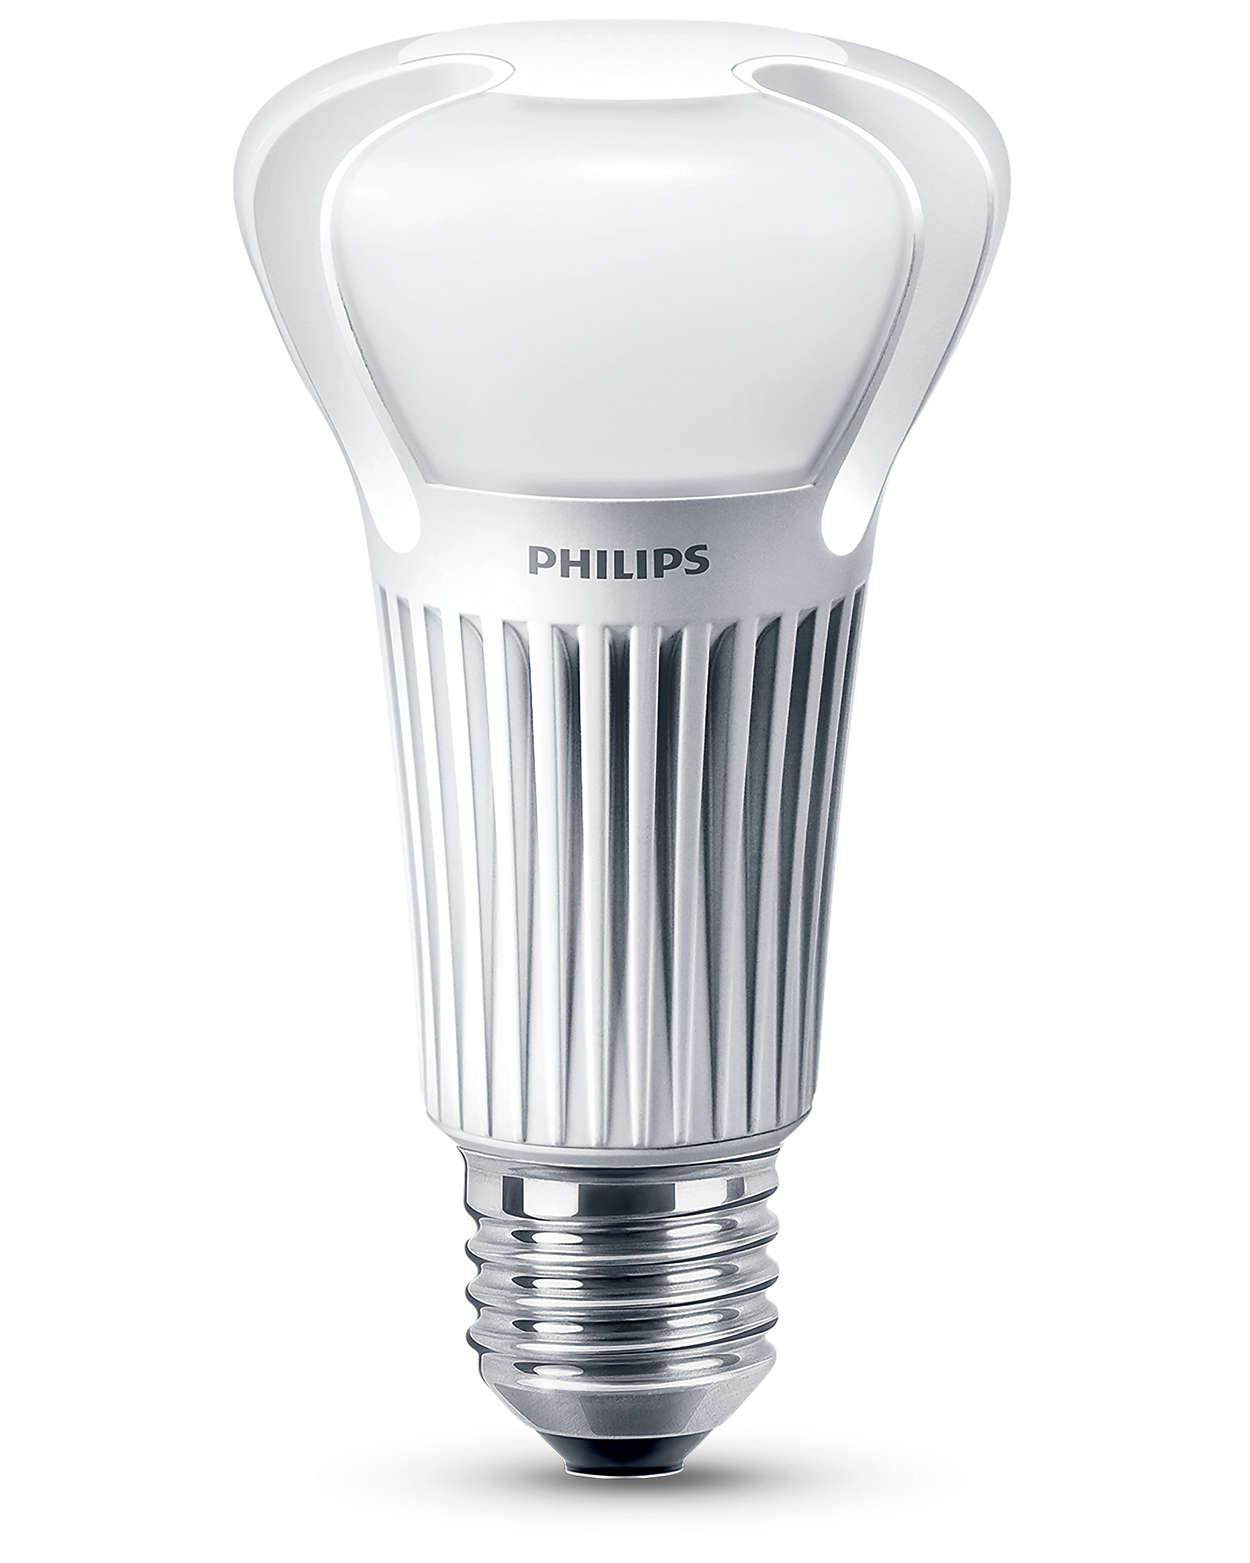 Toplo bijelo svjetlo, bez kompromisa po pitanju kvalitete